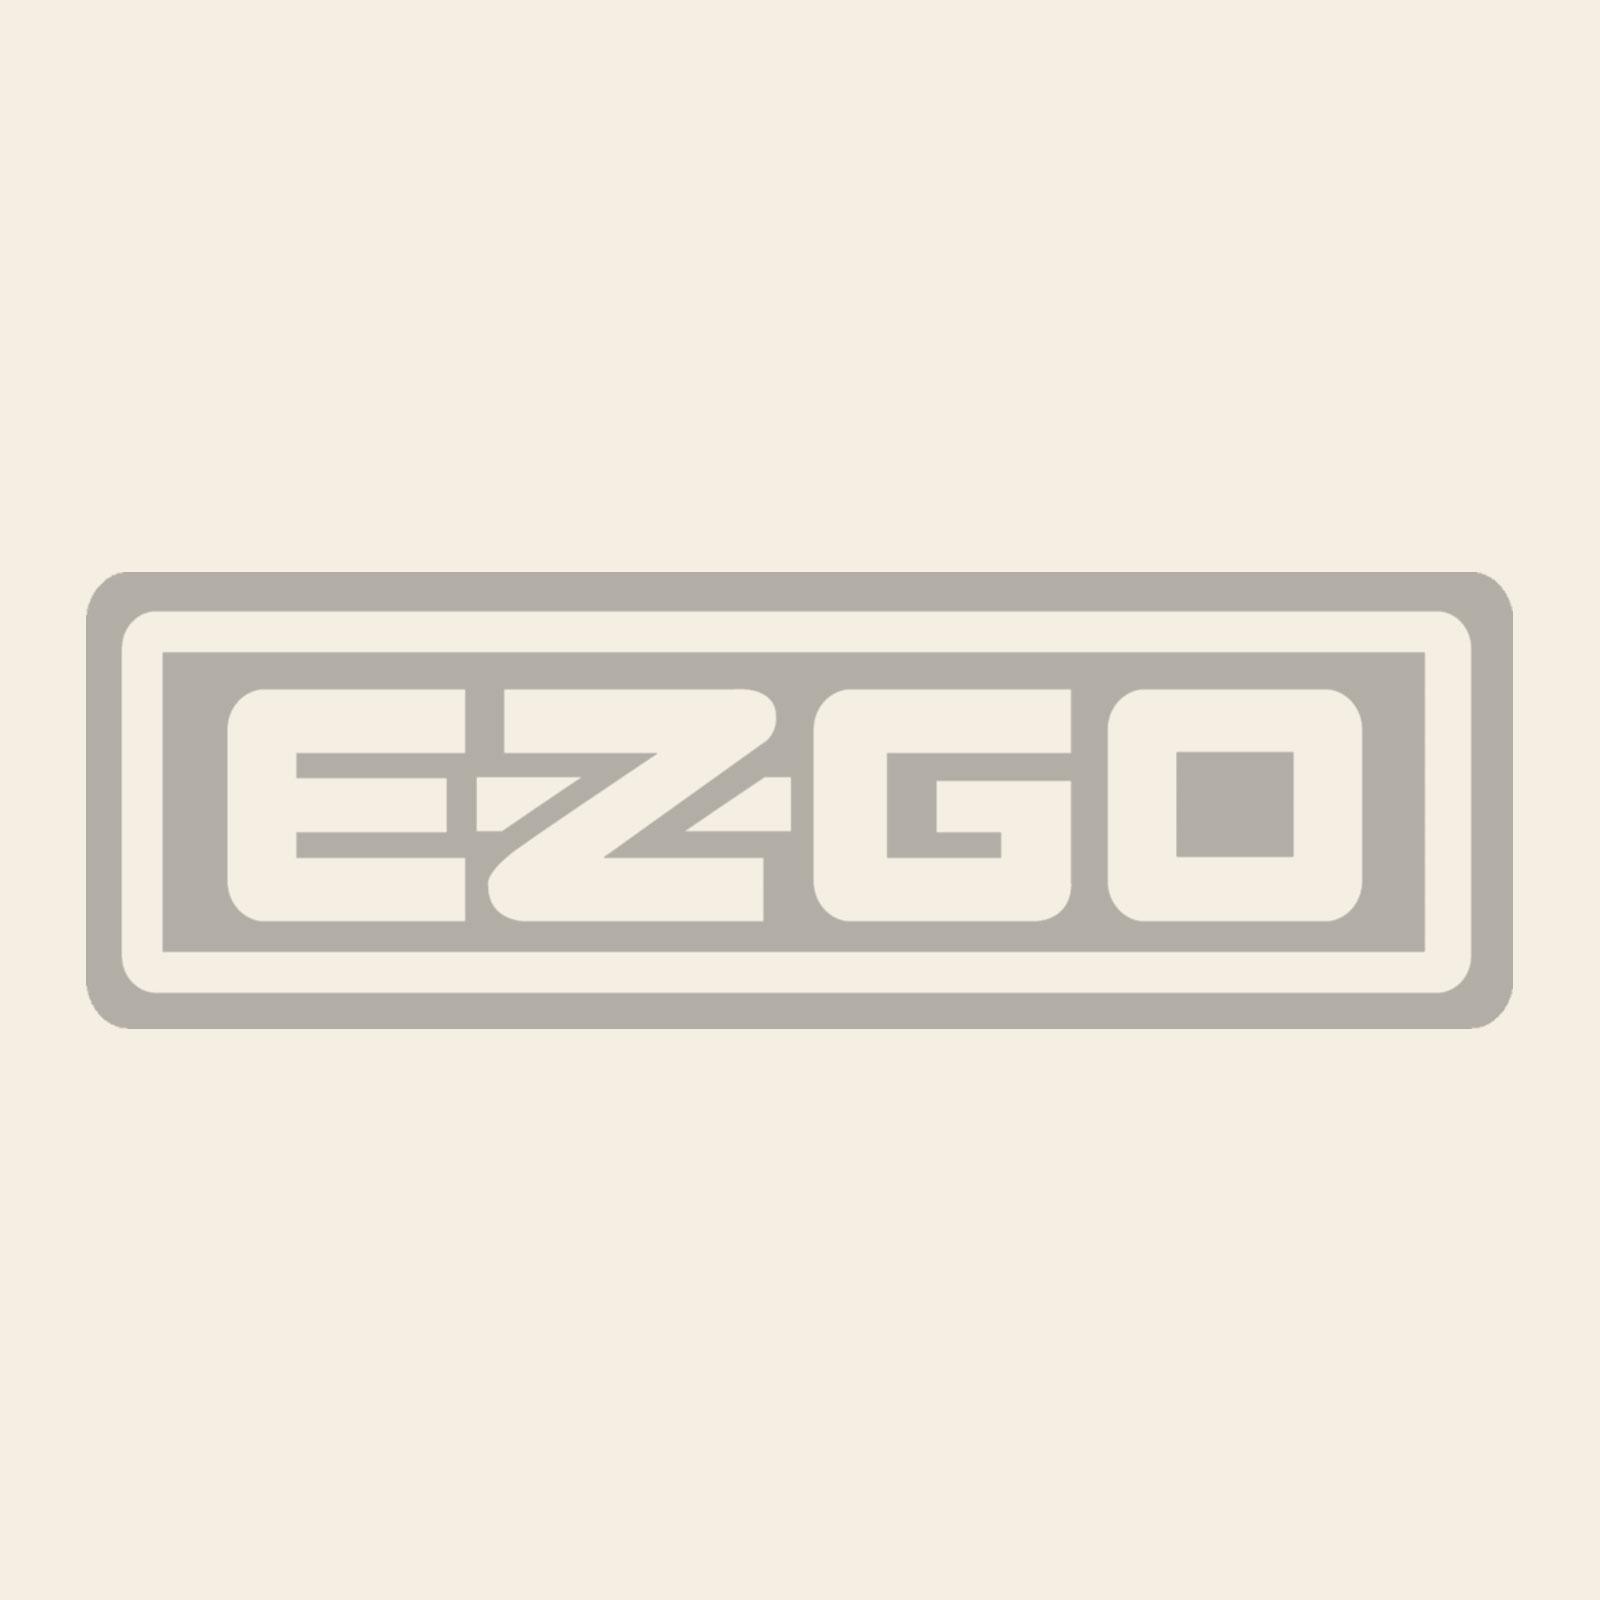 EZGO Ivory Placeholder